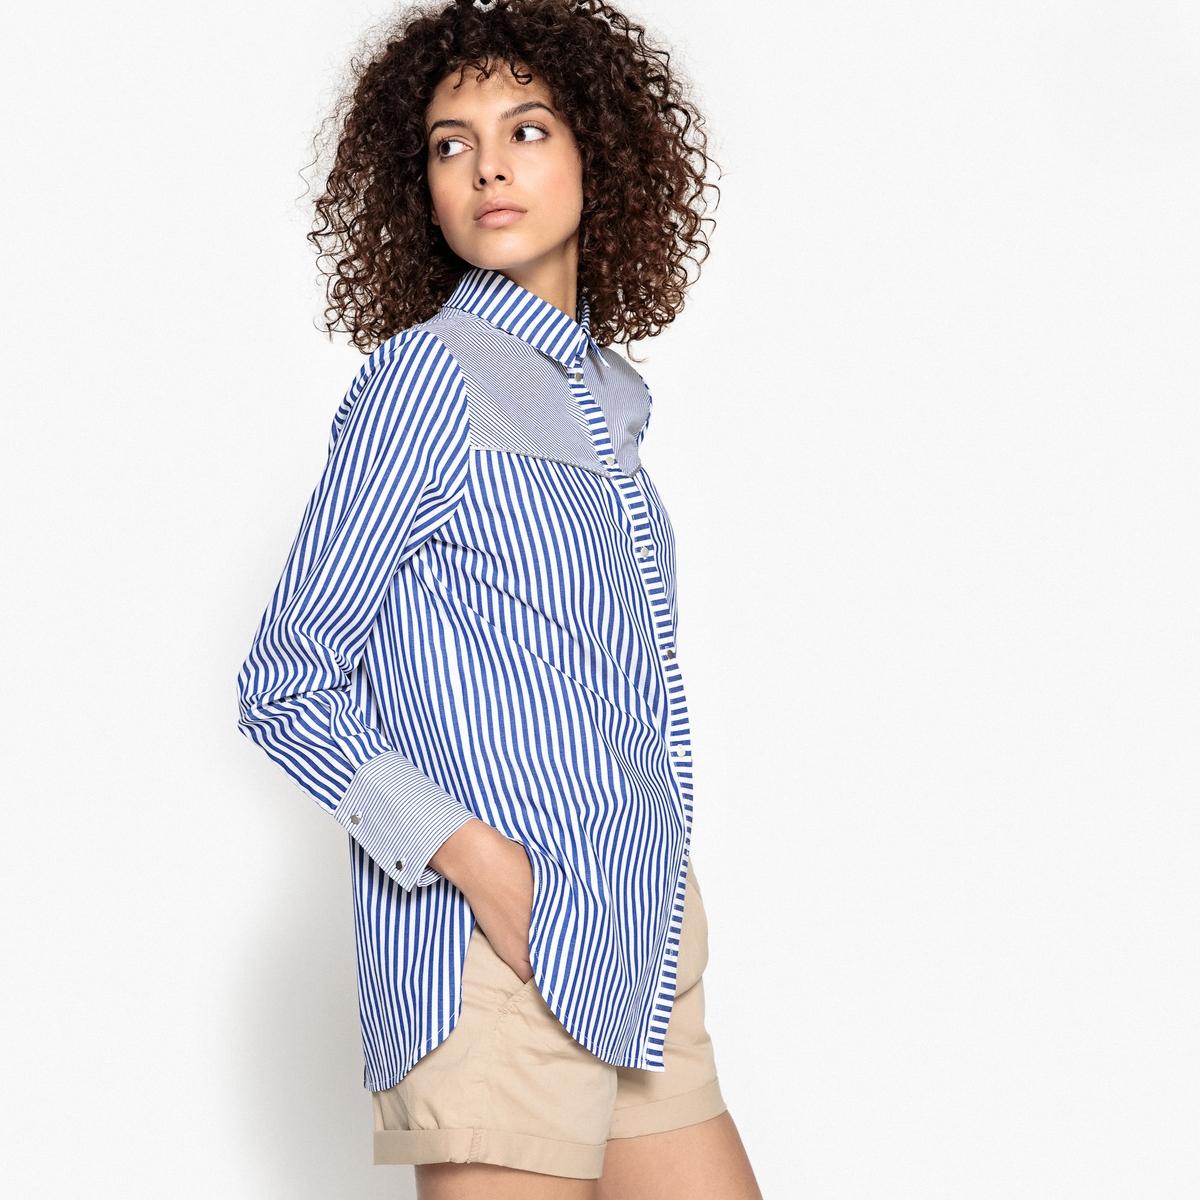 Рубашка в полоску LAURAДетали •  Длинные рукава •  Прямой покрой •  Воротник-поло, рубашечный •  Рисунок в полоскуСостав и уход •  100 % хлопок •  Следуйте советам по уходу, указанным на этикетке<br><br>Цвет: в полоску синий/белый<br>Размер: 2(M)